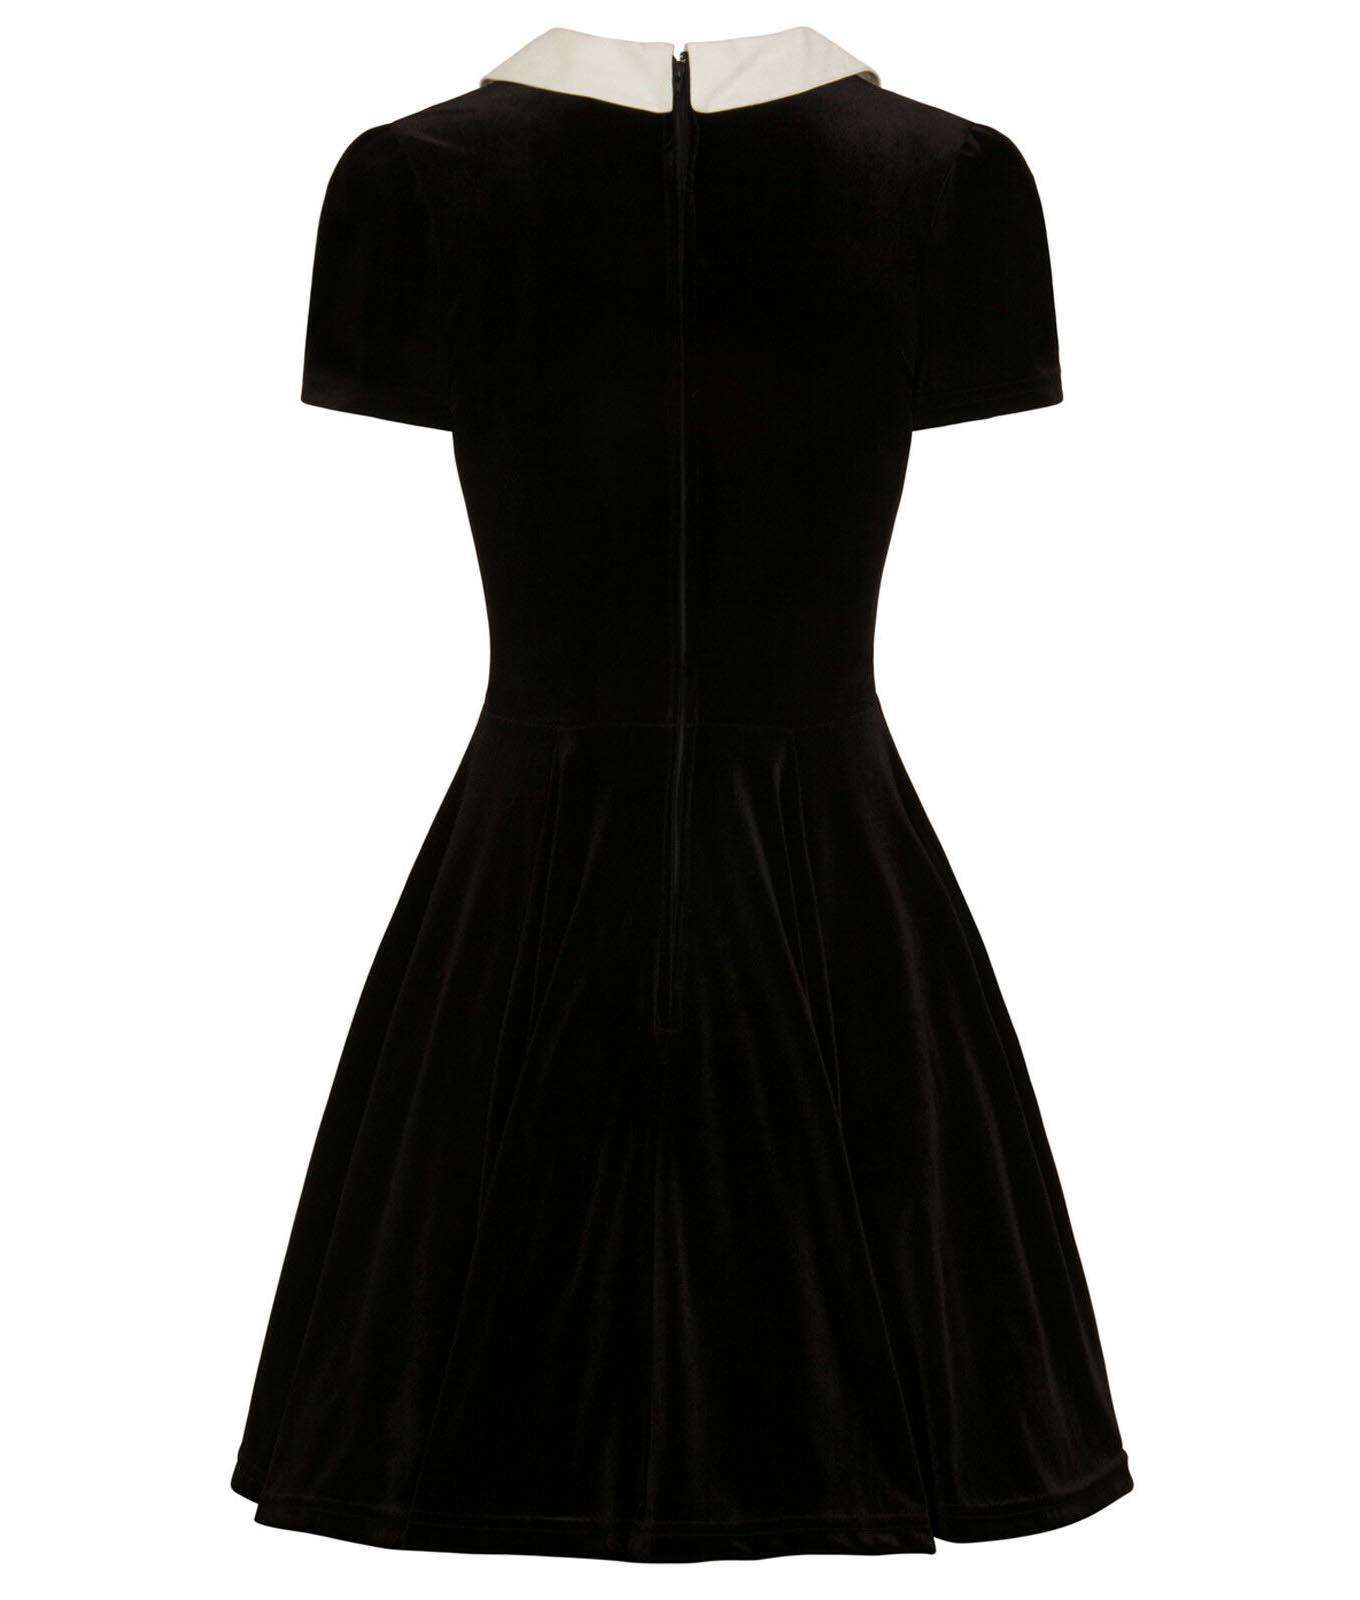 Hell-Bunny-Goth-Mini-Skater-Dress-NIGHTSHADE-Poison-Cherry-Black-Velvet-All-Size thumbnail 21